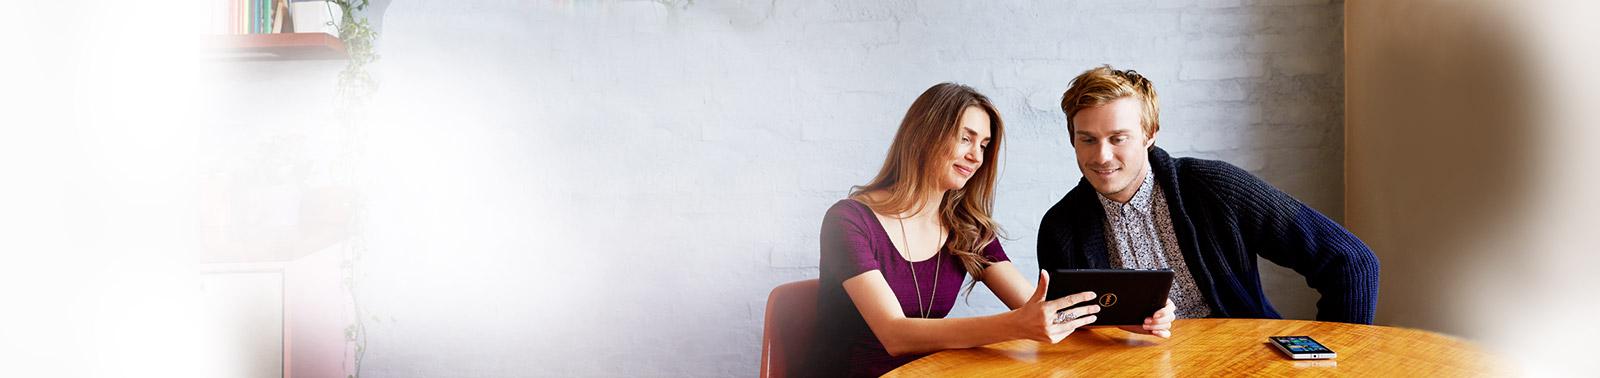 Женщина за столом, демонстрирующая планшет мужчине рядом.